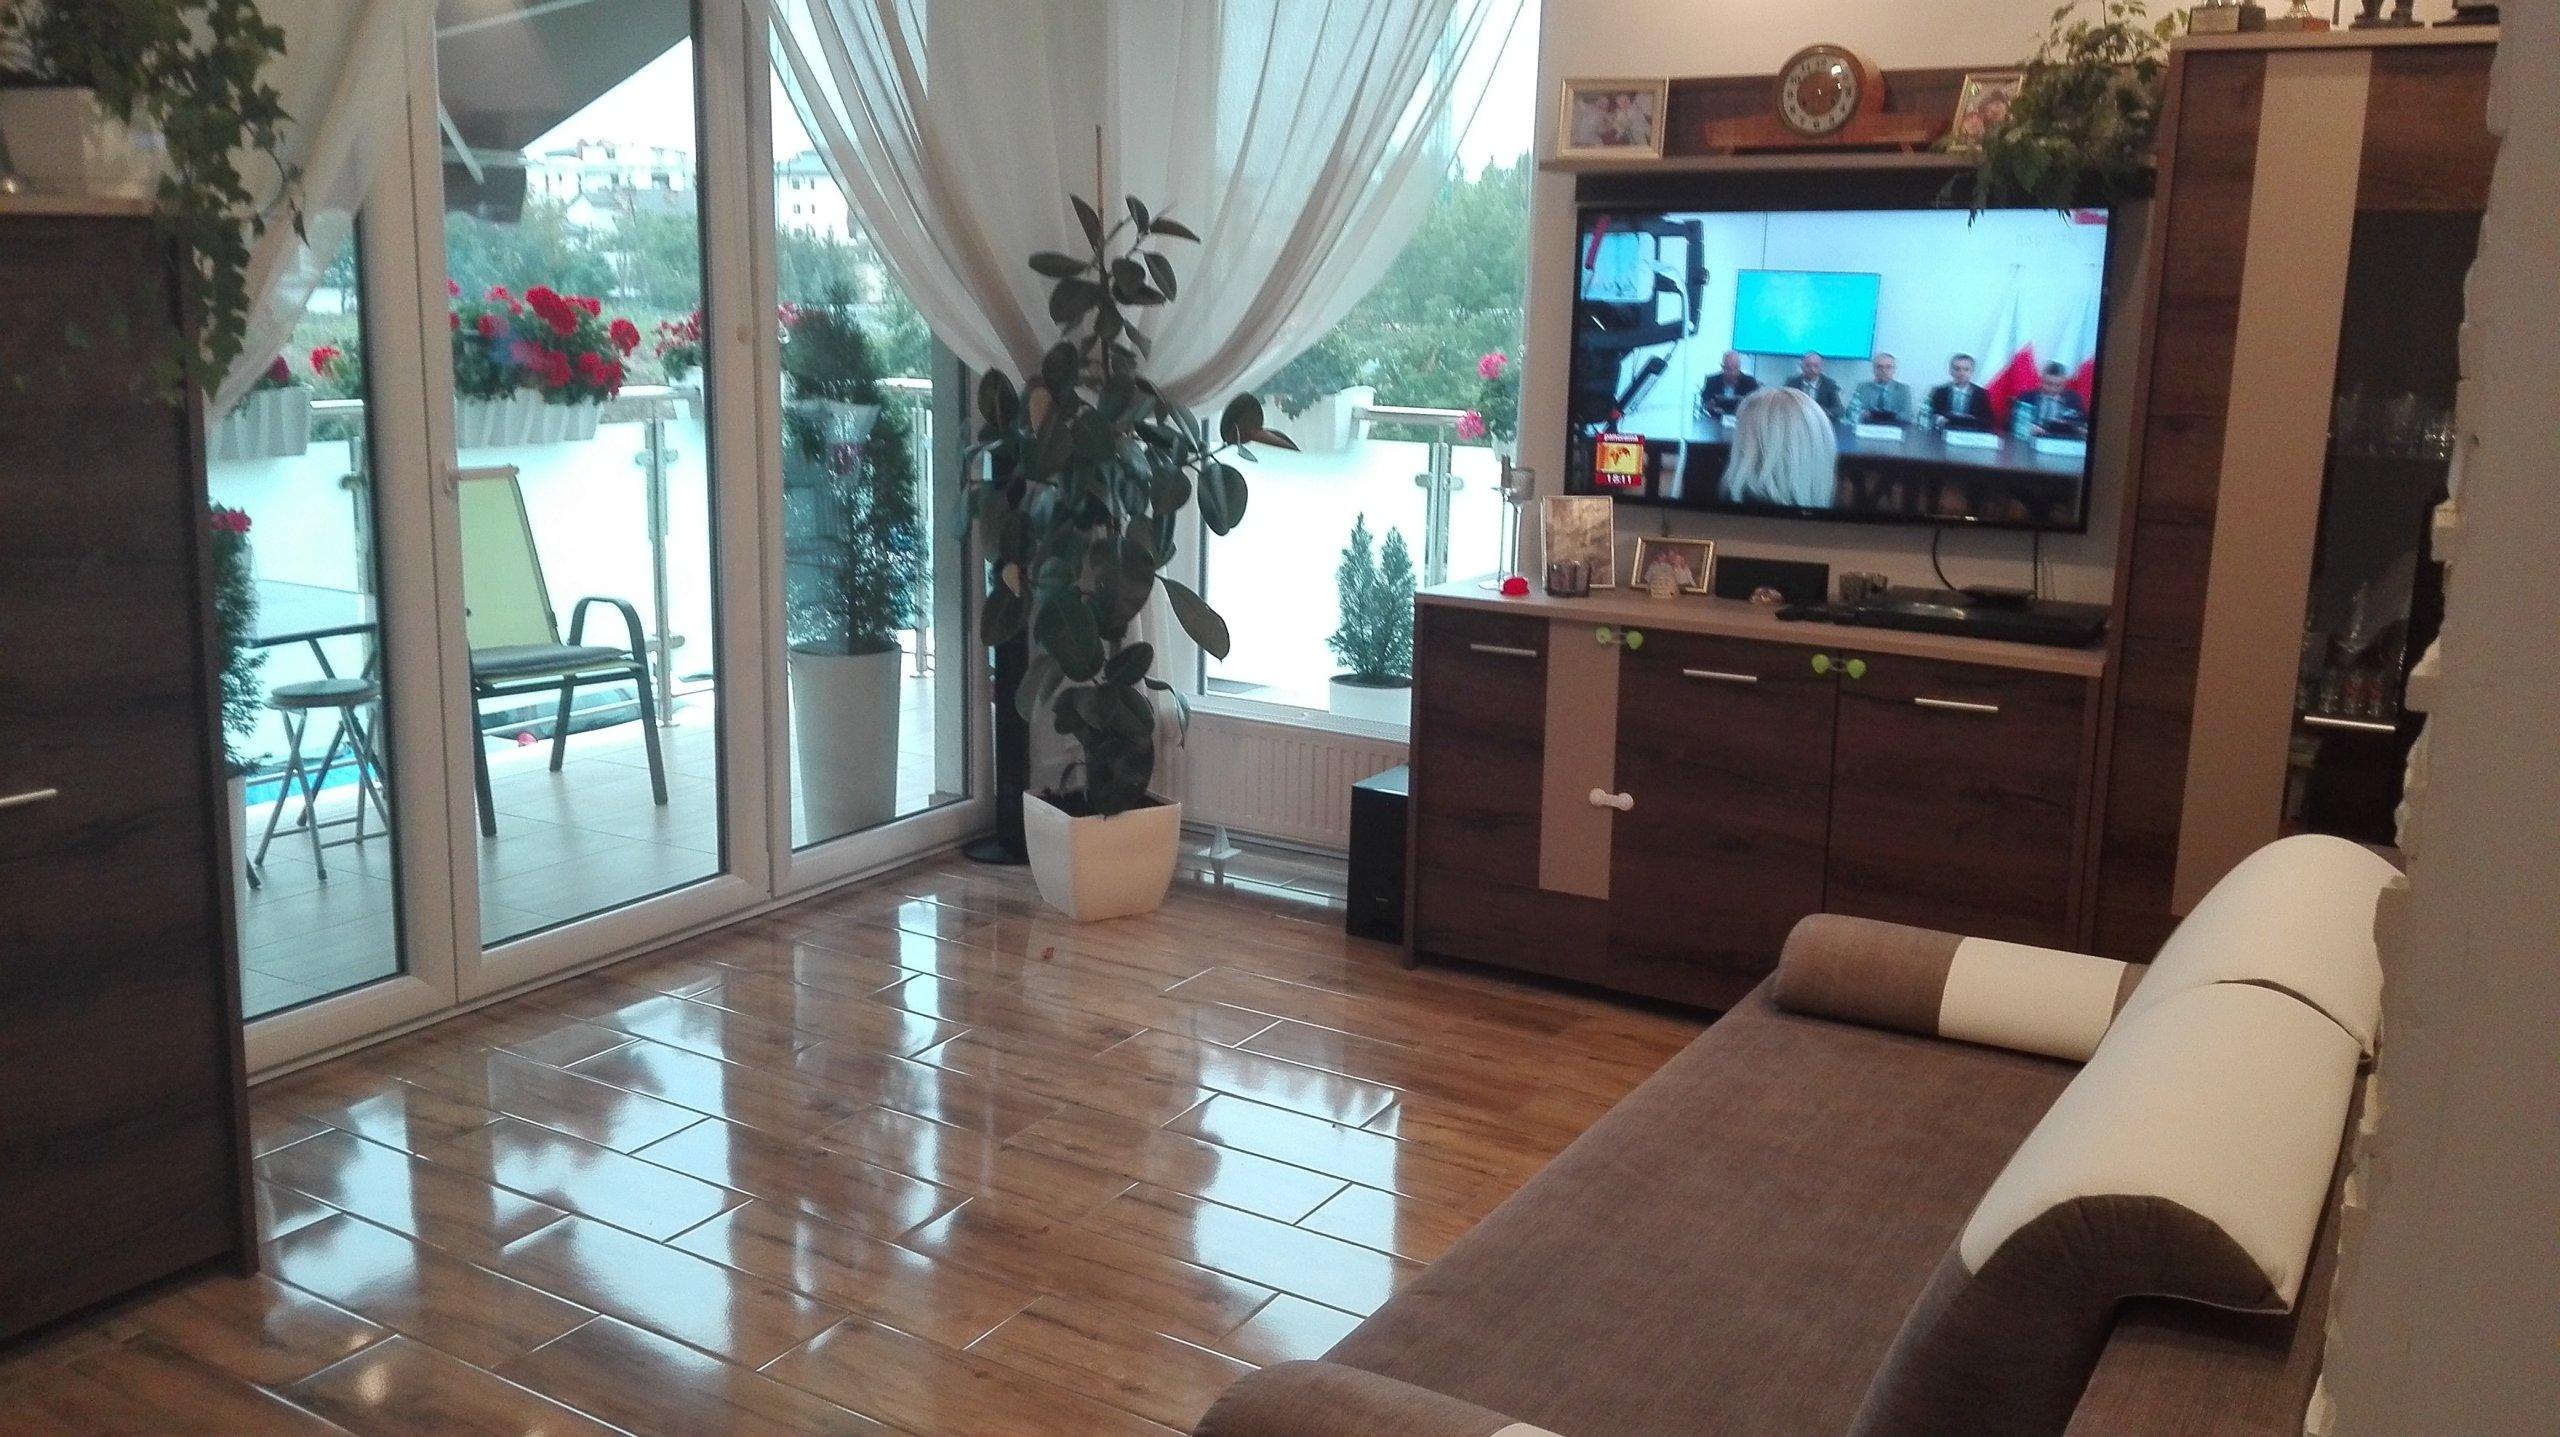 Mieszkanie 3-pokojowe nowe umeblowane 53,85 m2